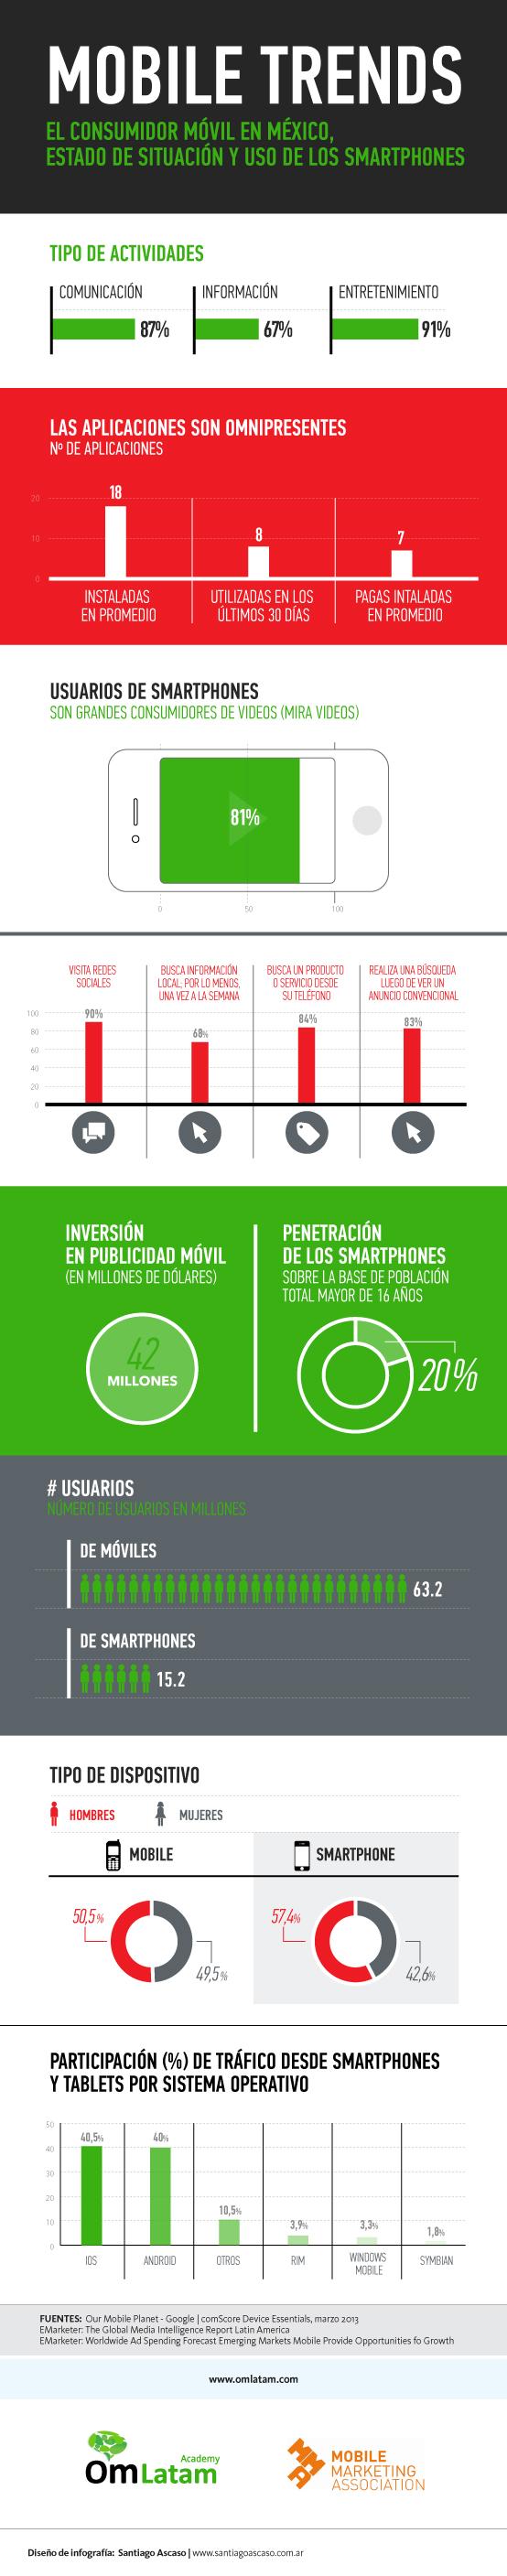 infografia_consumidor_movi_en_mexico